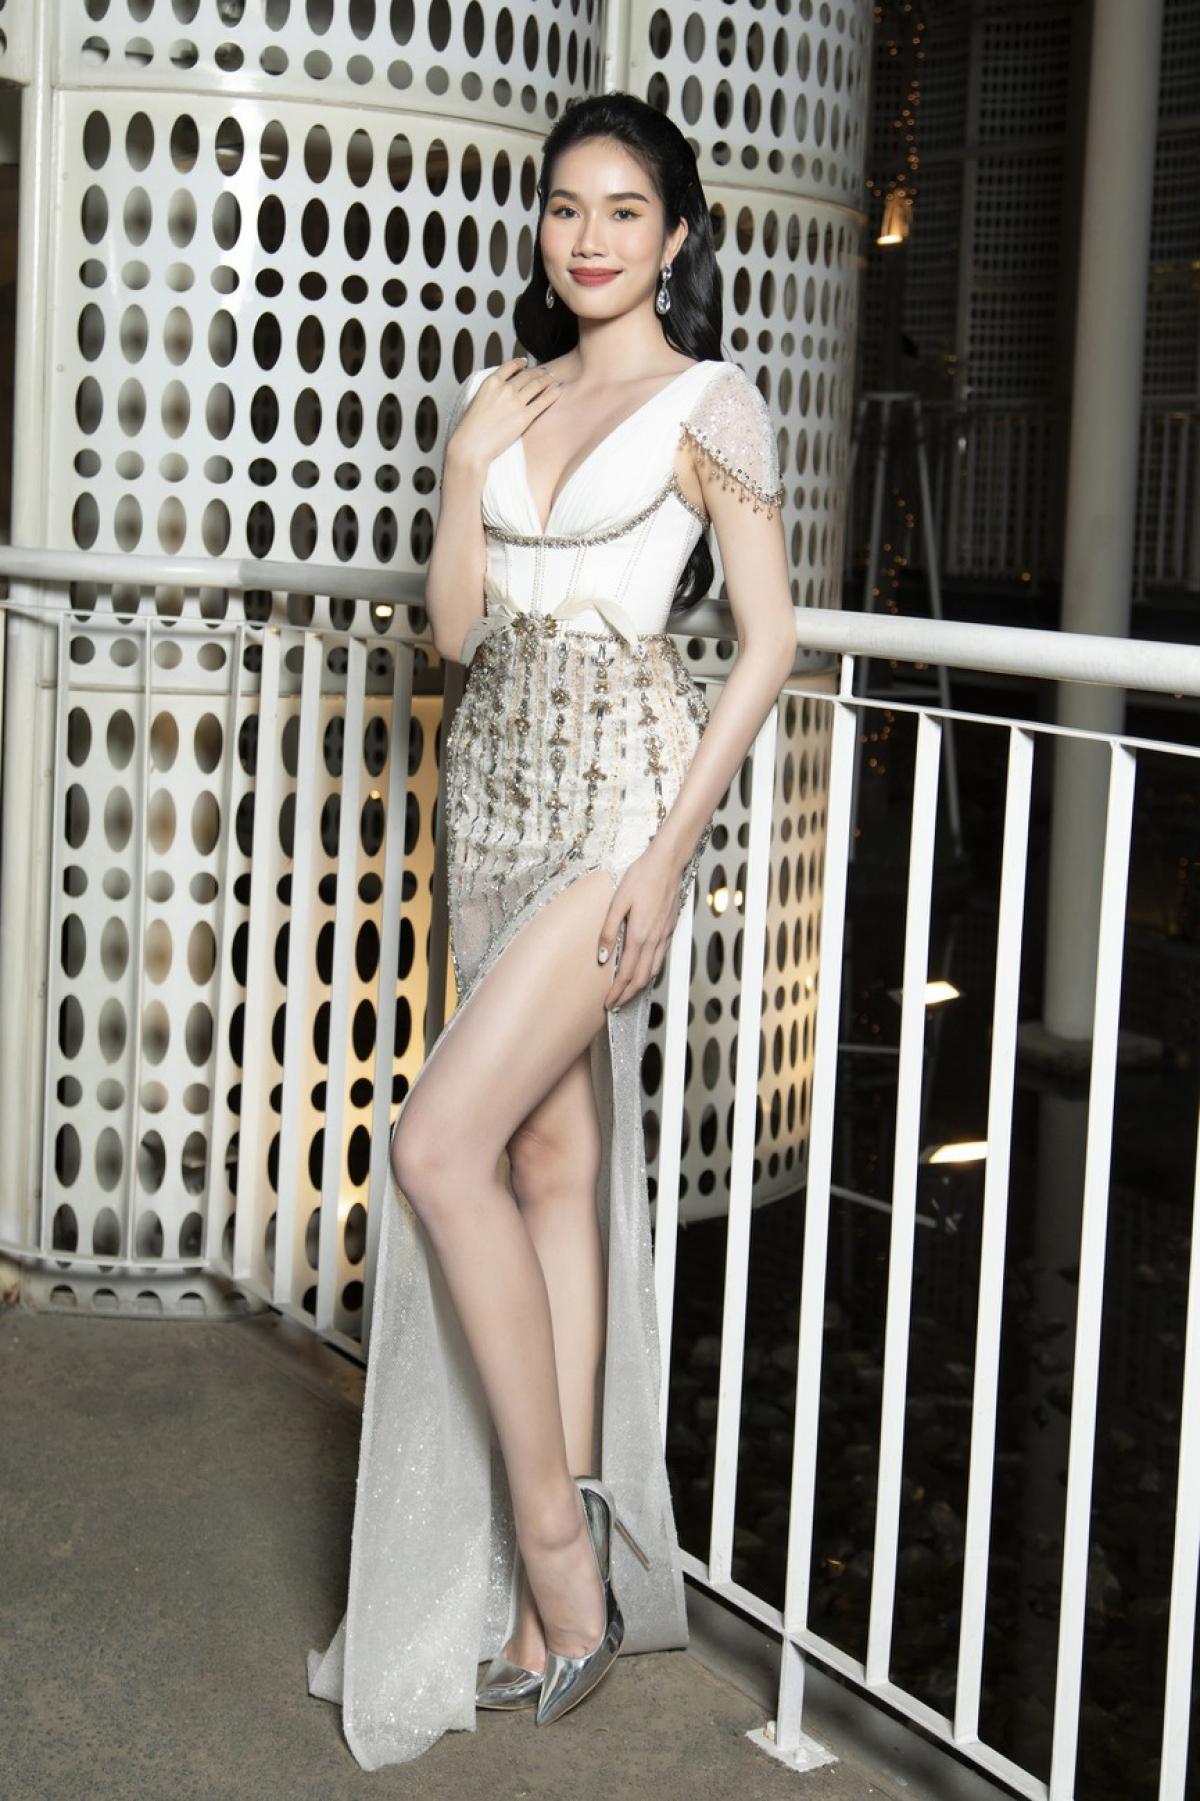 Á hậu Phương Anh diện bộ váy trắng đính kết cầu kỳ khoe chân dài nóng bỏng.